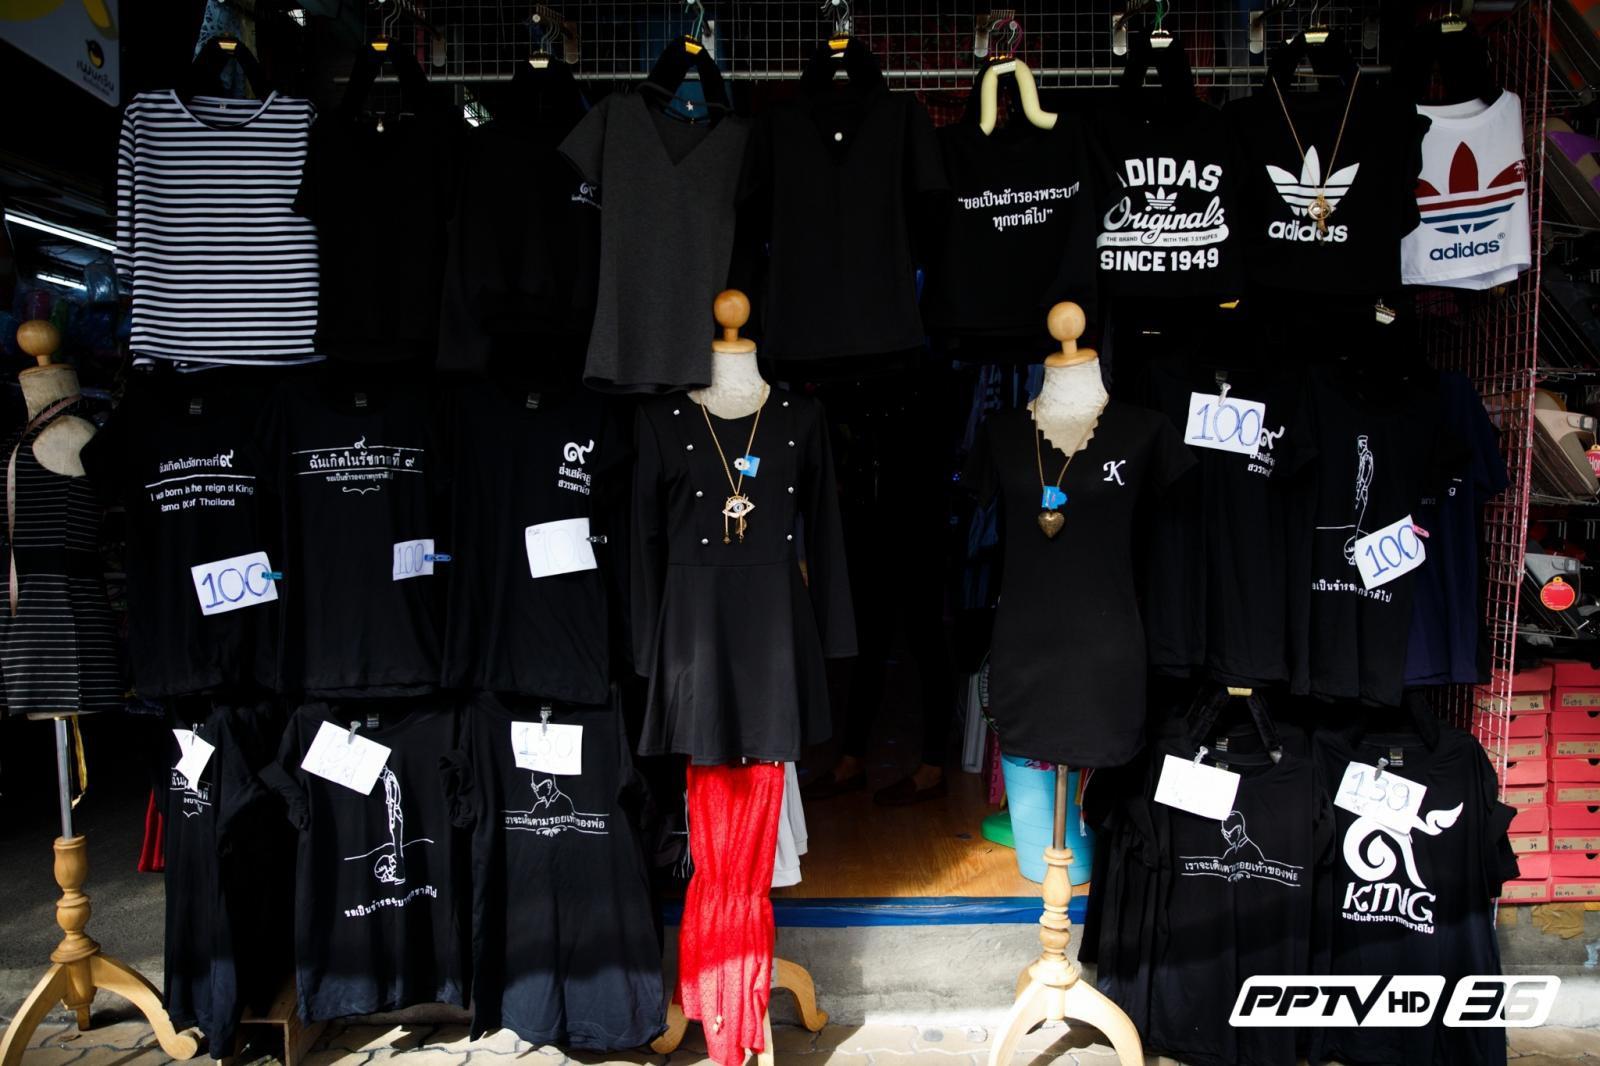 อธิบดีกรมพัฒนาธุรกิจการค้าตรวจสอบราคาเสื้อดำและสินค้าอุปโภคบริโภค